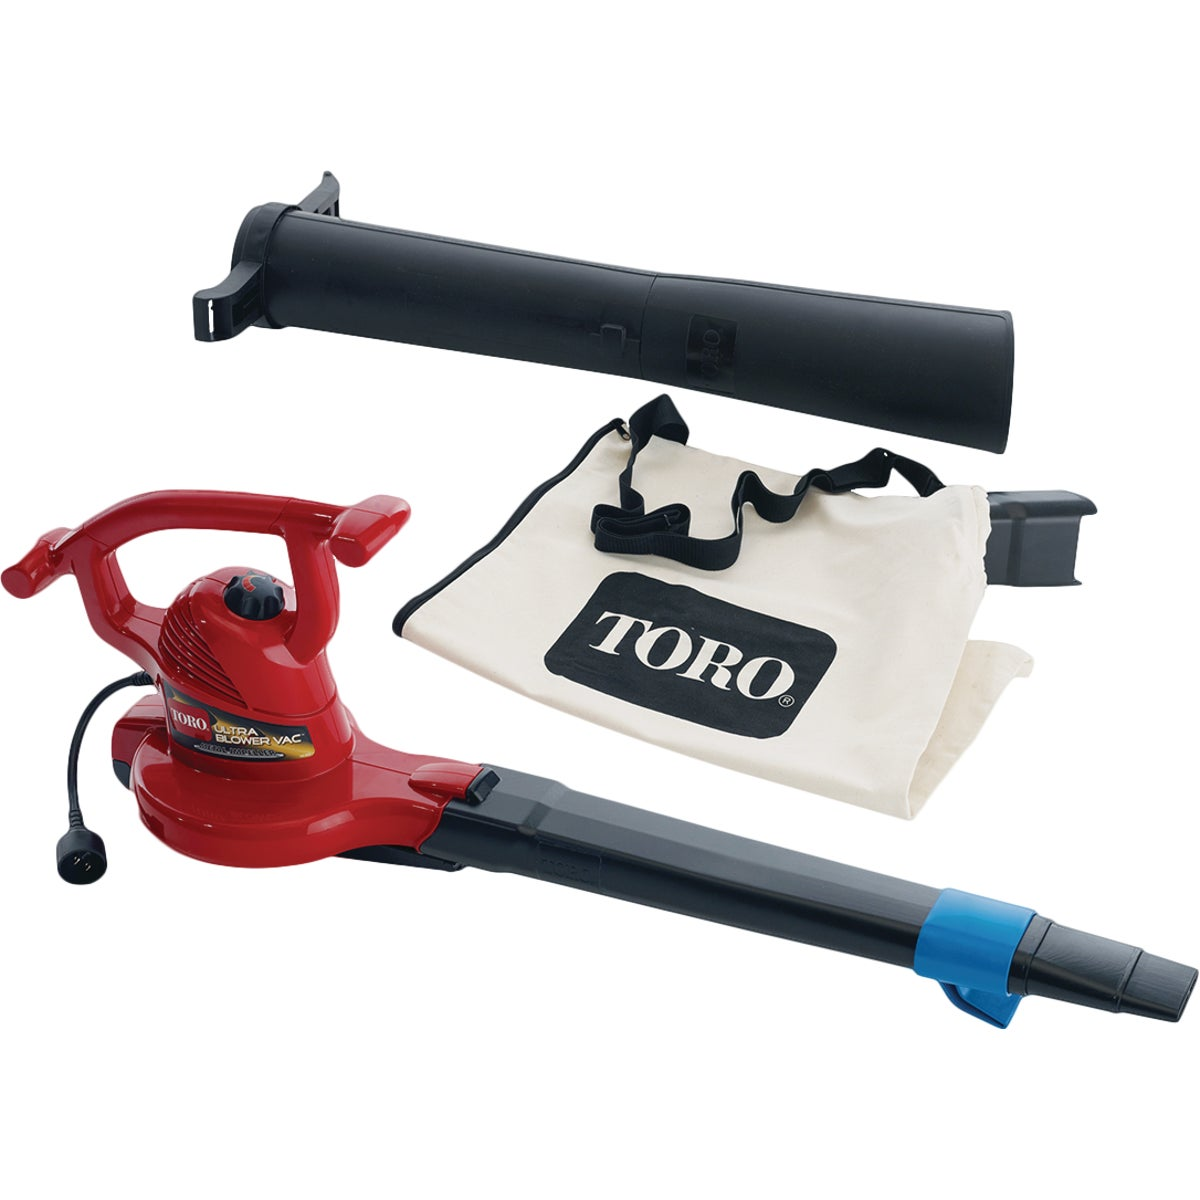 Toro Ultra Electric Blower/Vacuum/Mulcher, 51619